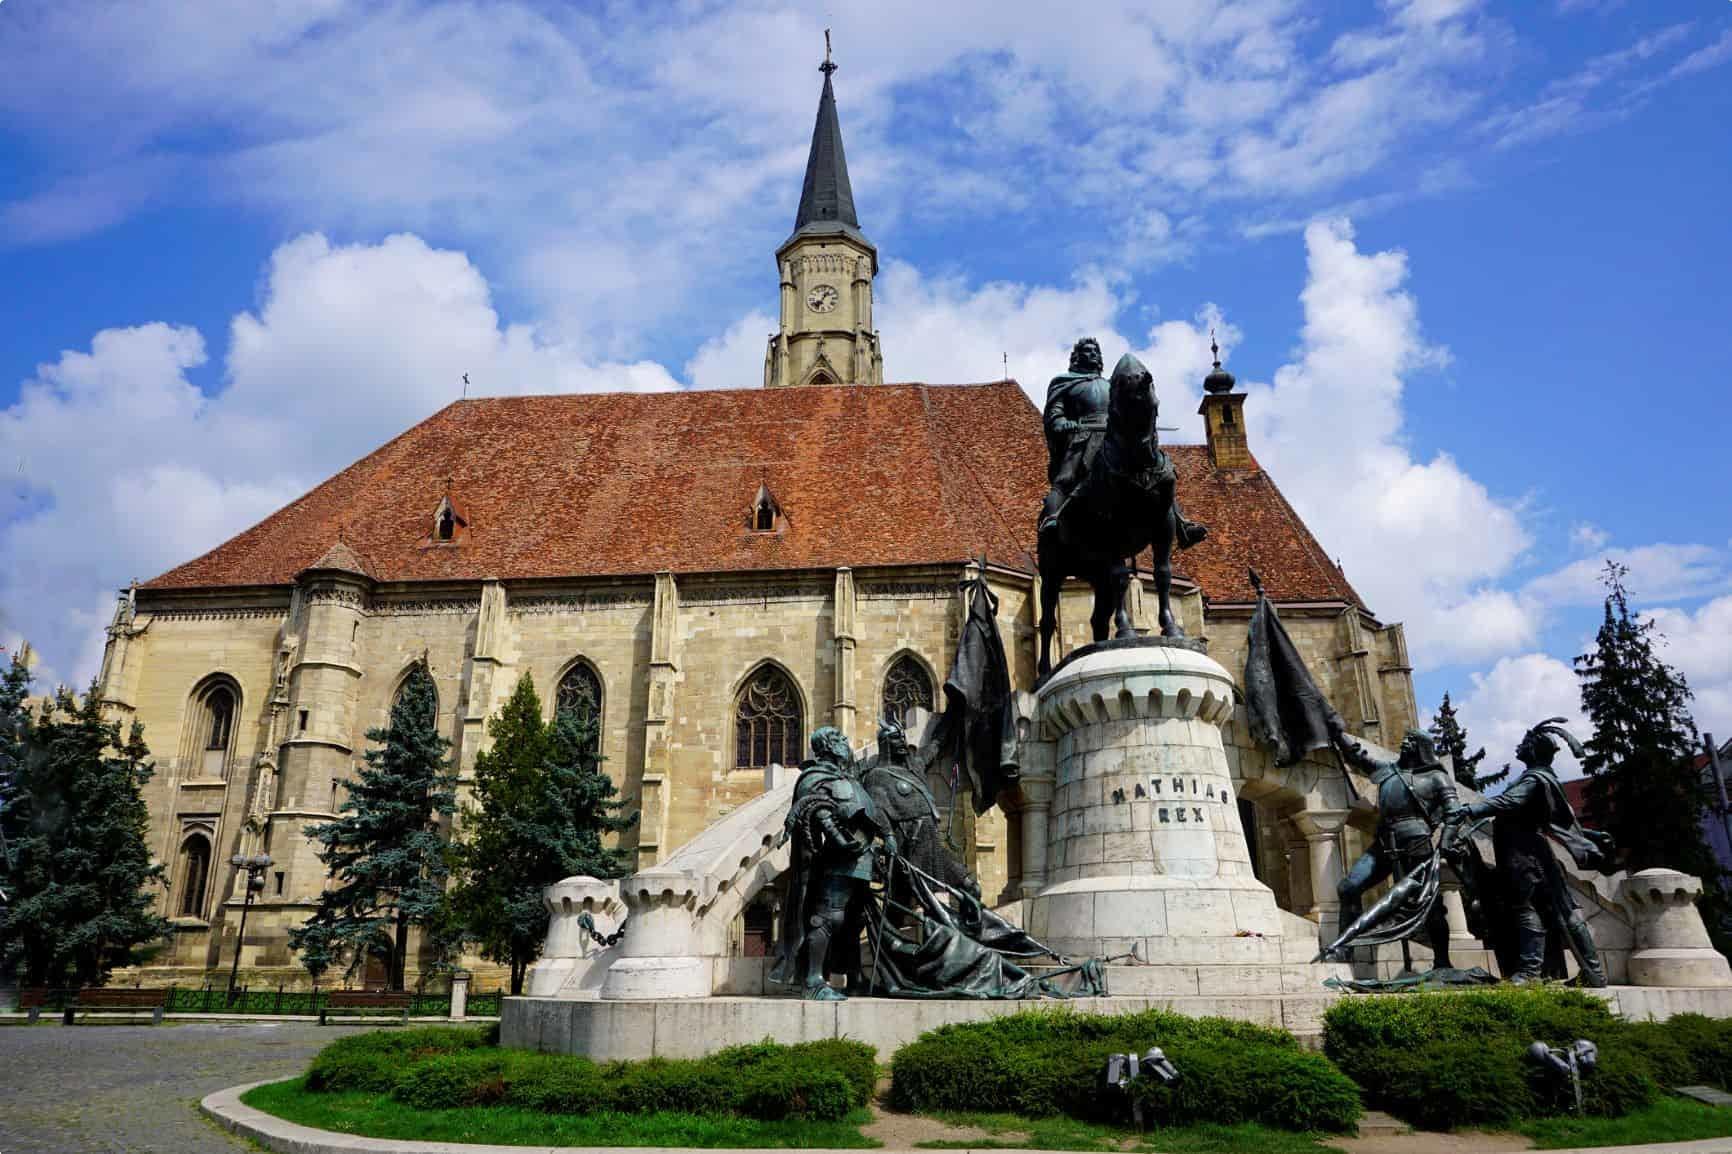 St Michael's Church in Cluj-Napoca in Romania